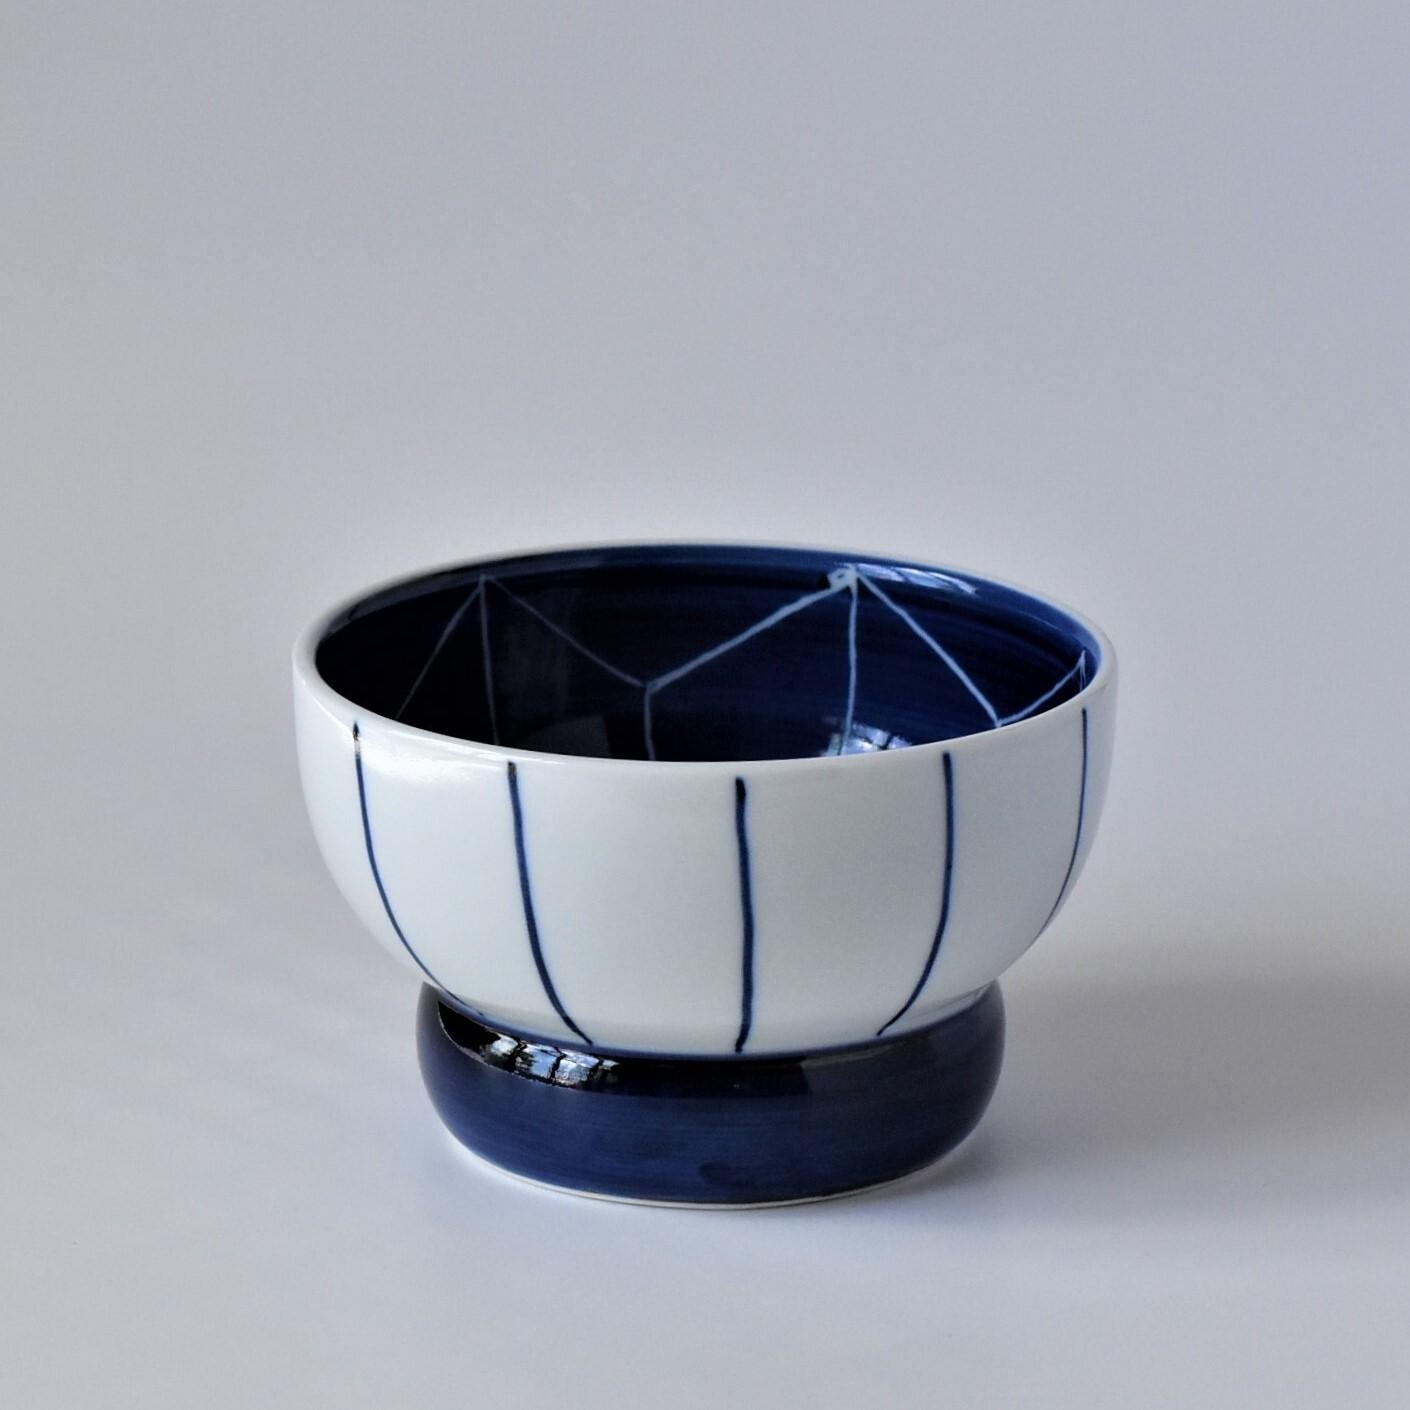 有田焼【まどか】 ロータイプ(水用) 麻の葉文様(あさのはもんよう)製造:江口製陶所